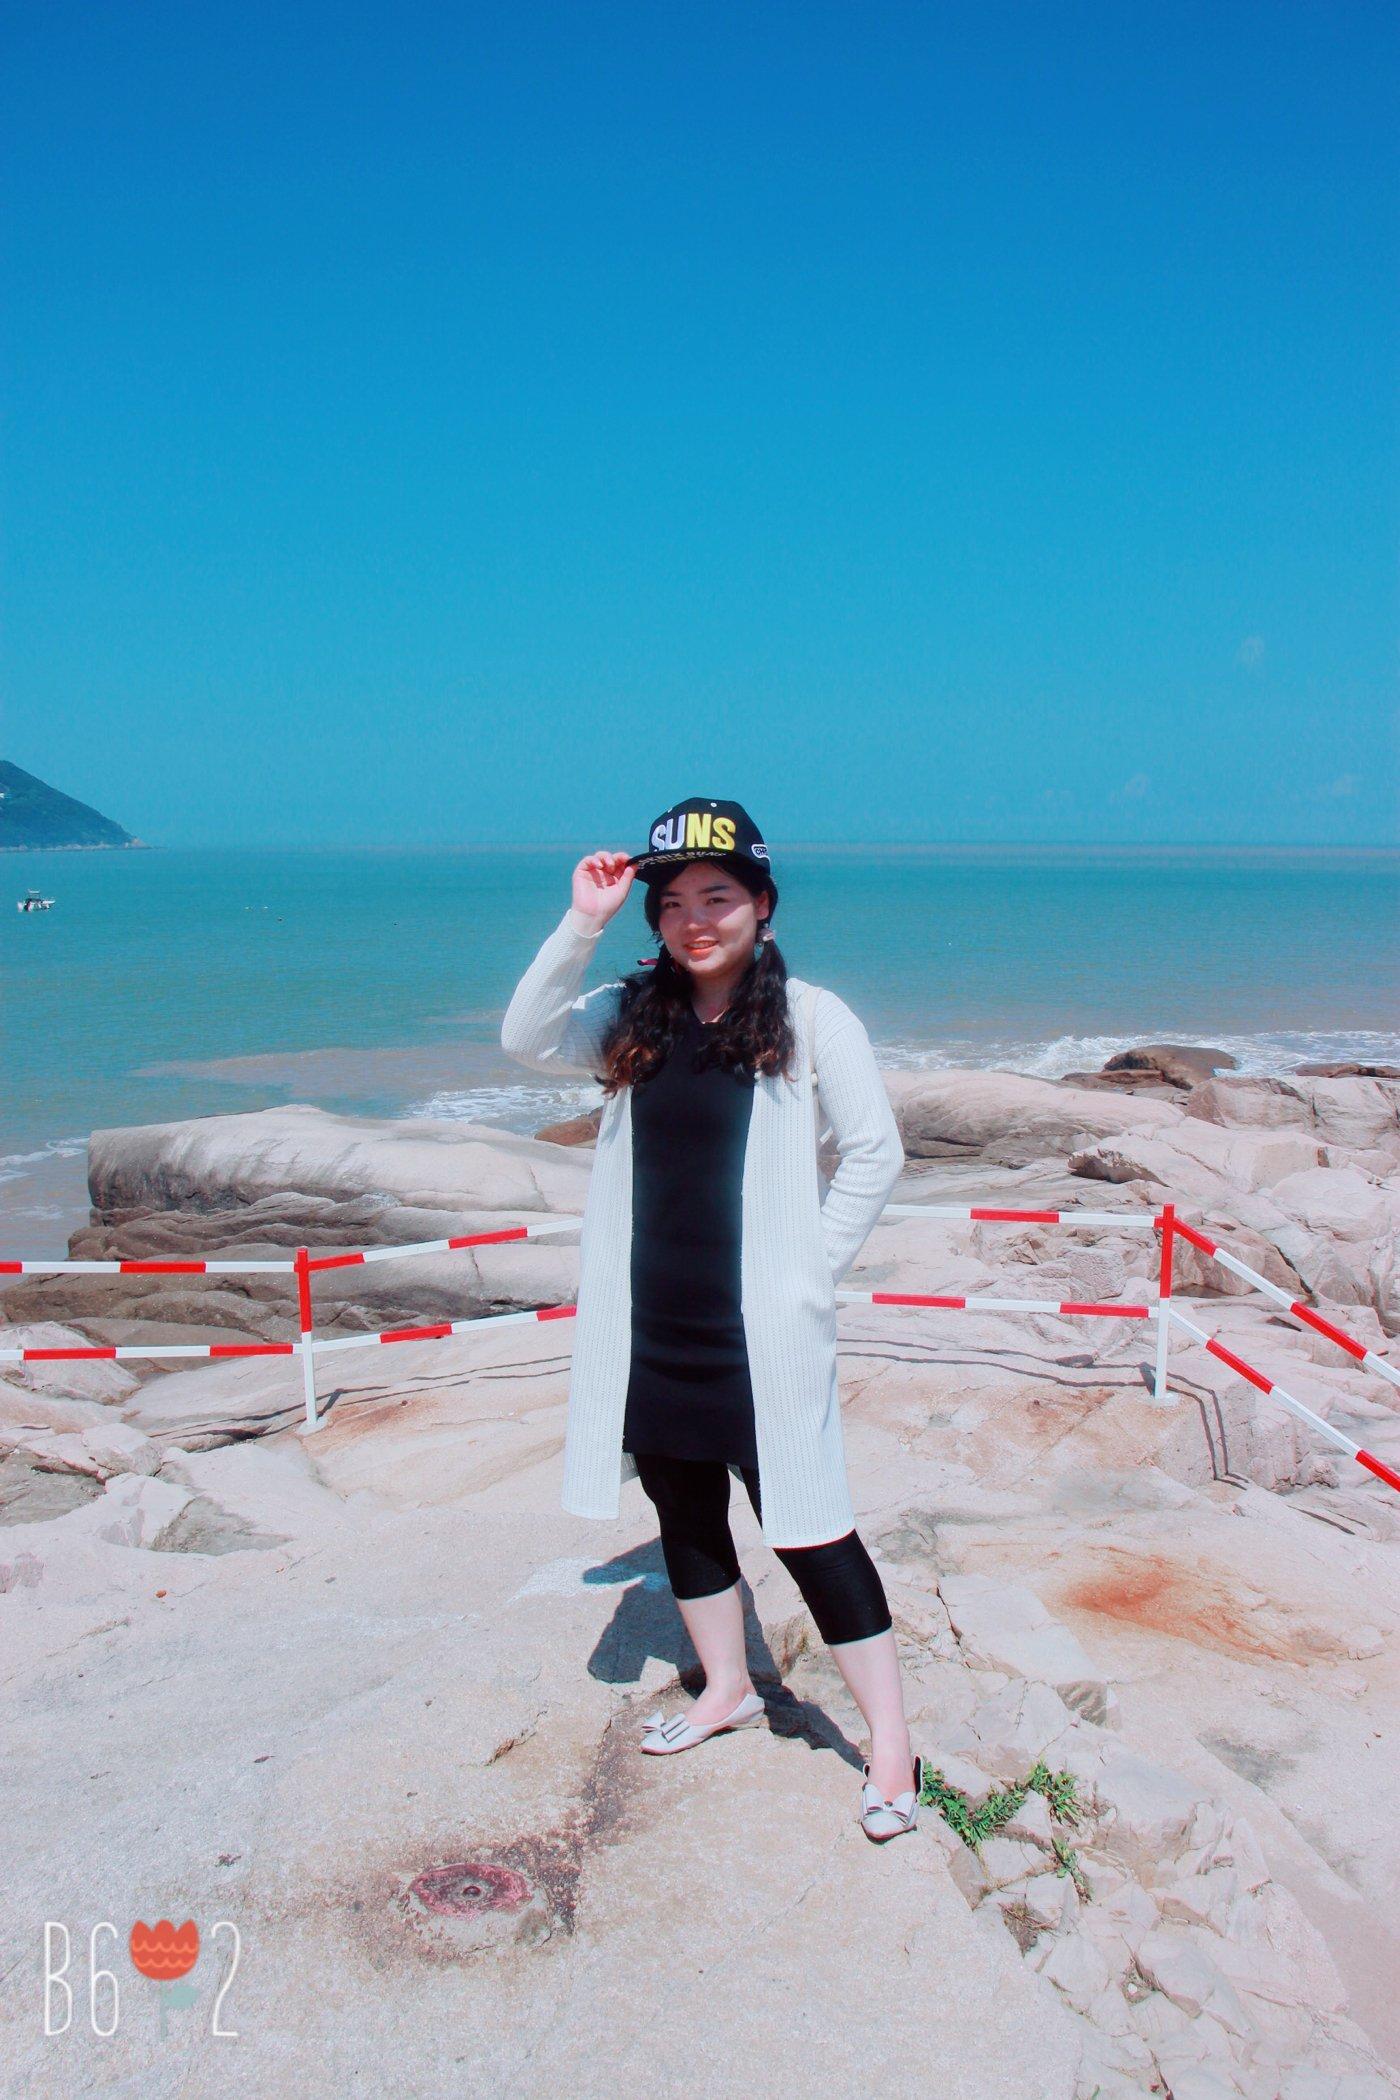 201933米高黄山观音叩拜攻略,行礼住宿完,我就南海游玩山下攻略图片